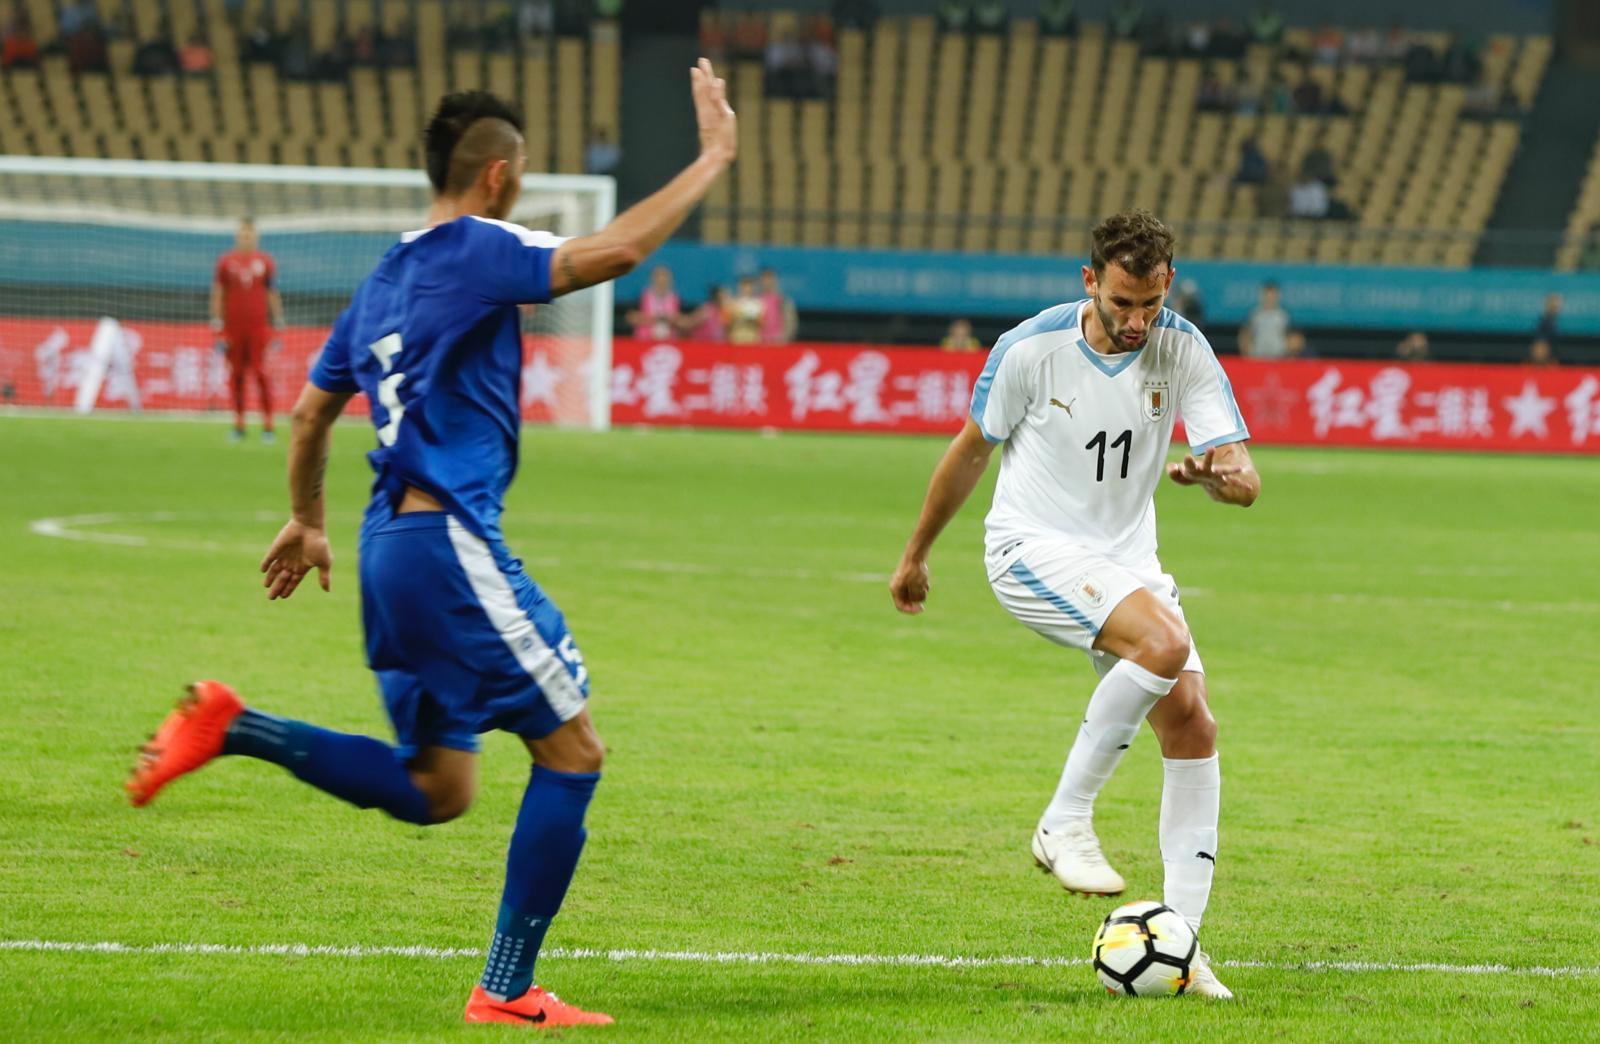 maglie copa america 2019 - uruguay